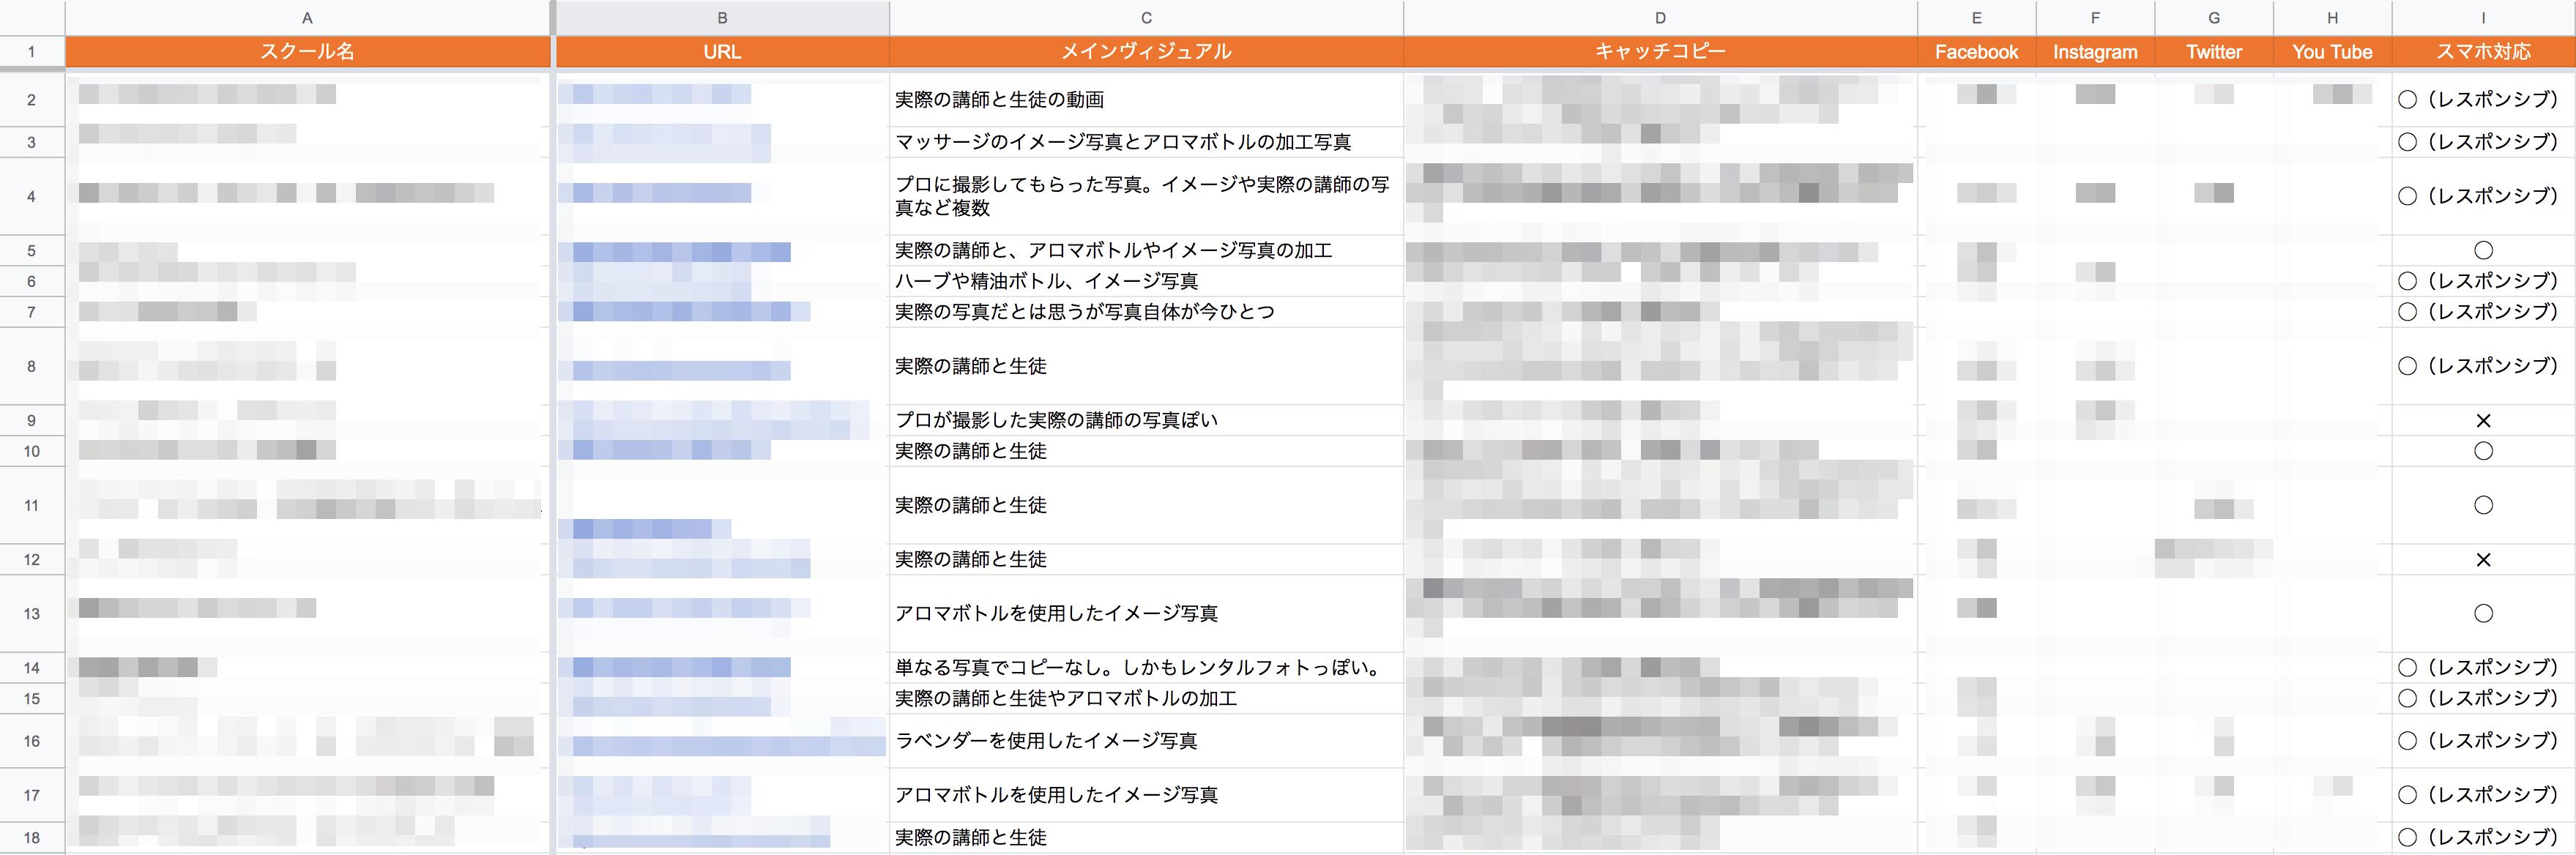 競合他社のホームページ内容のリスト化